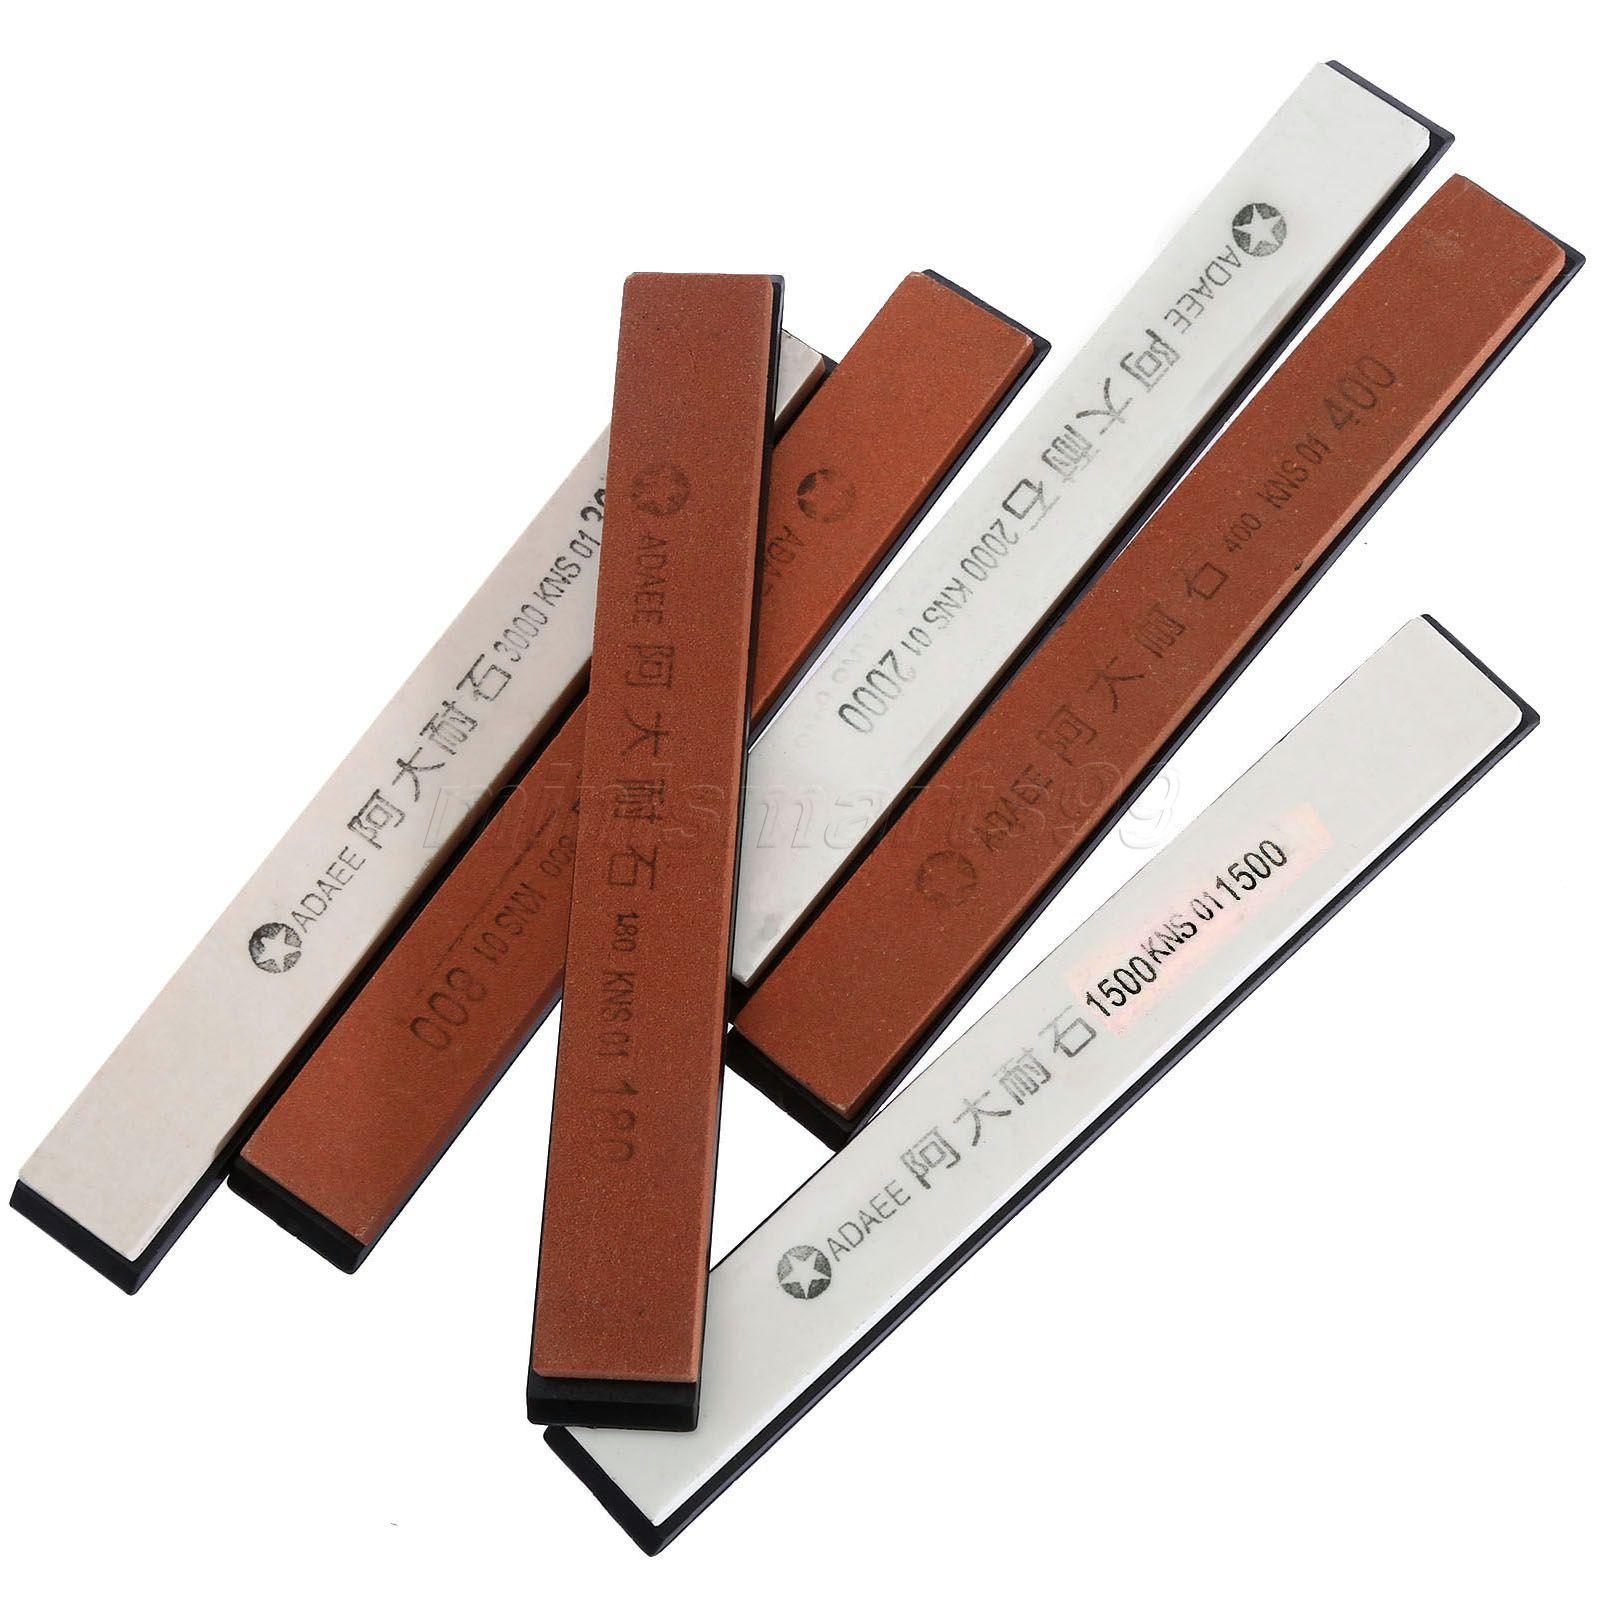 180/400/800/1500/2000/3000 Grit Knife Sharpening Sharpener Drindstones Profesionální kuchyňský jídelní nůž Ořezávátko Abrader